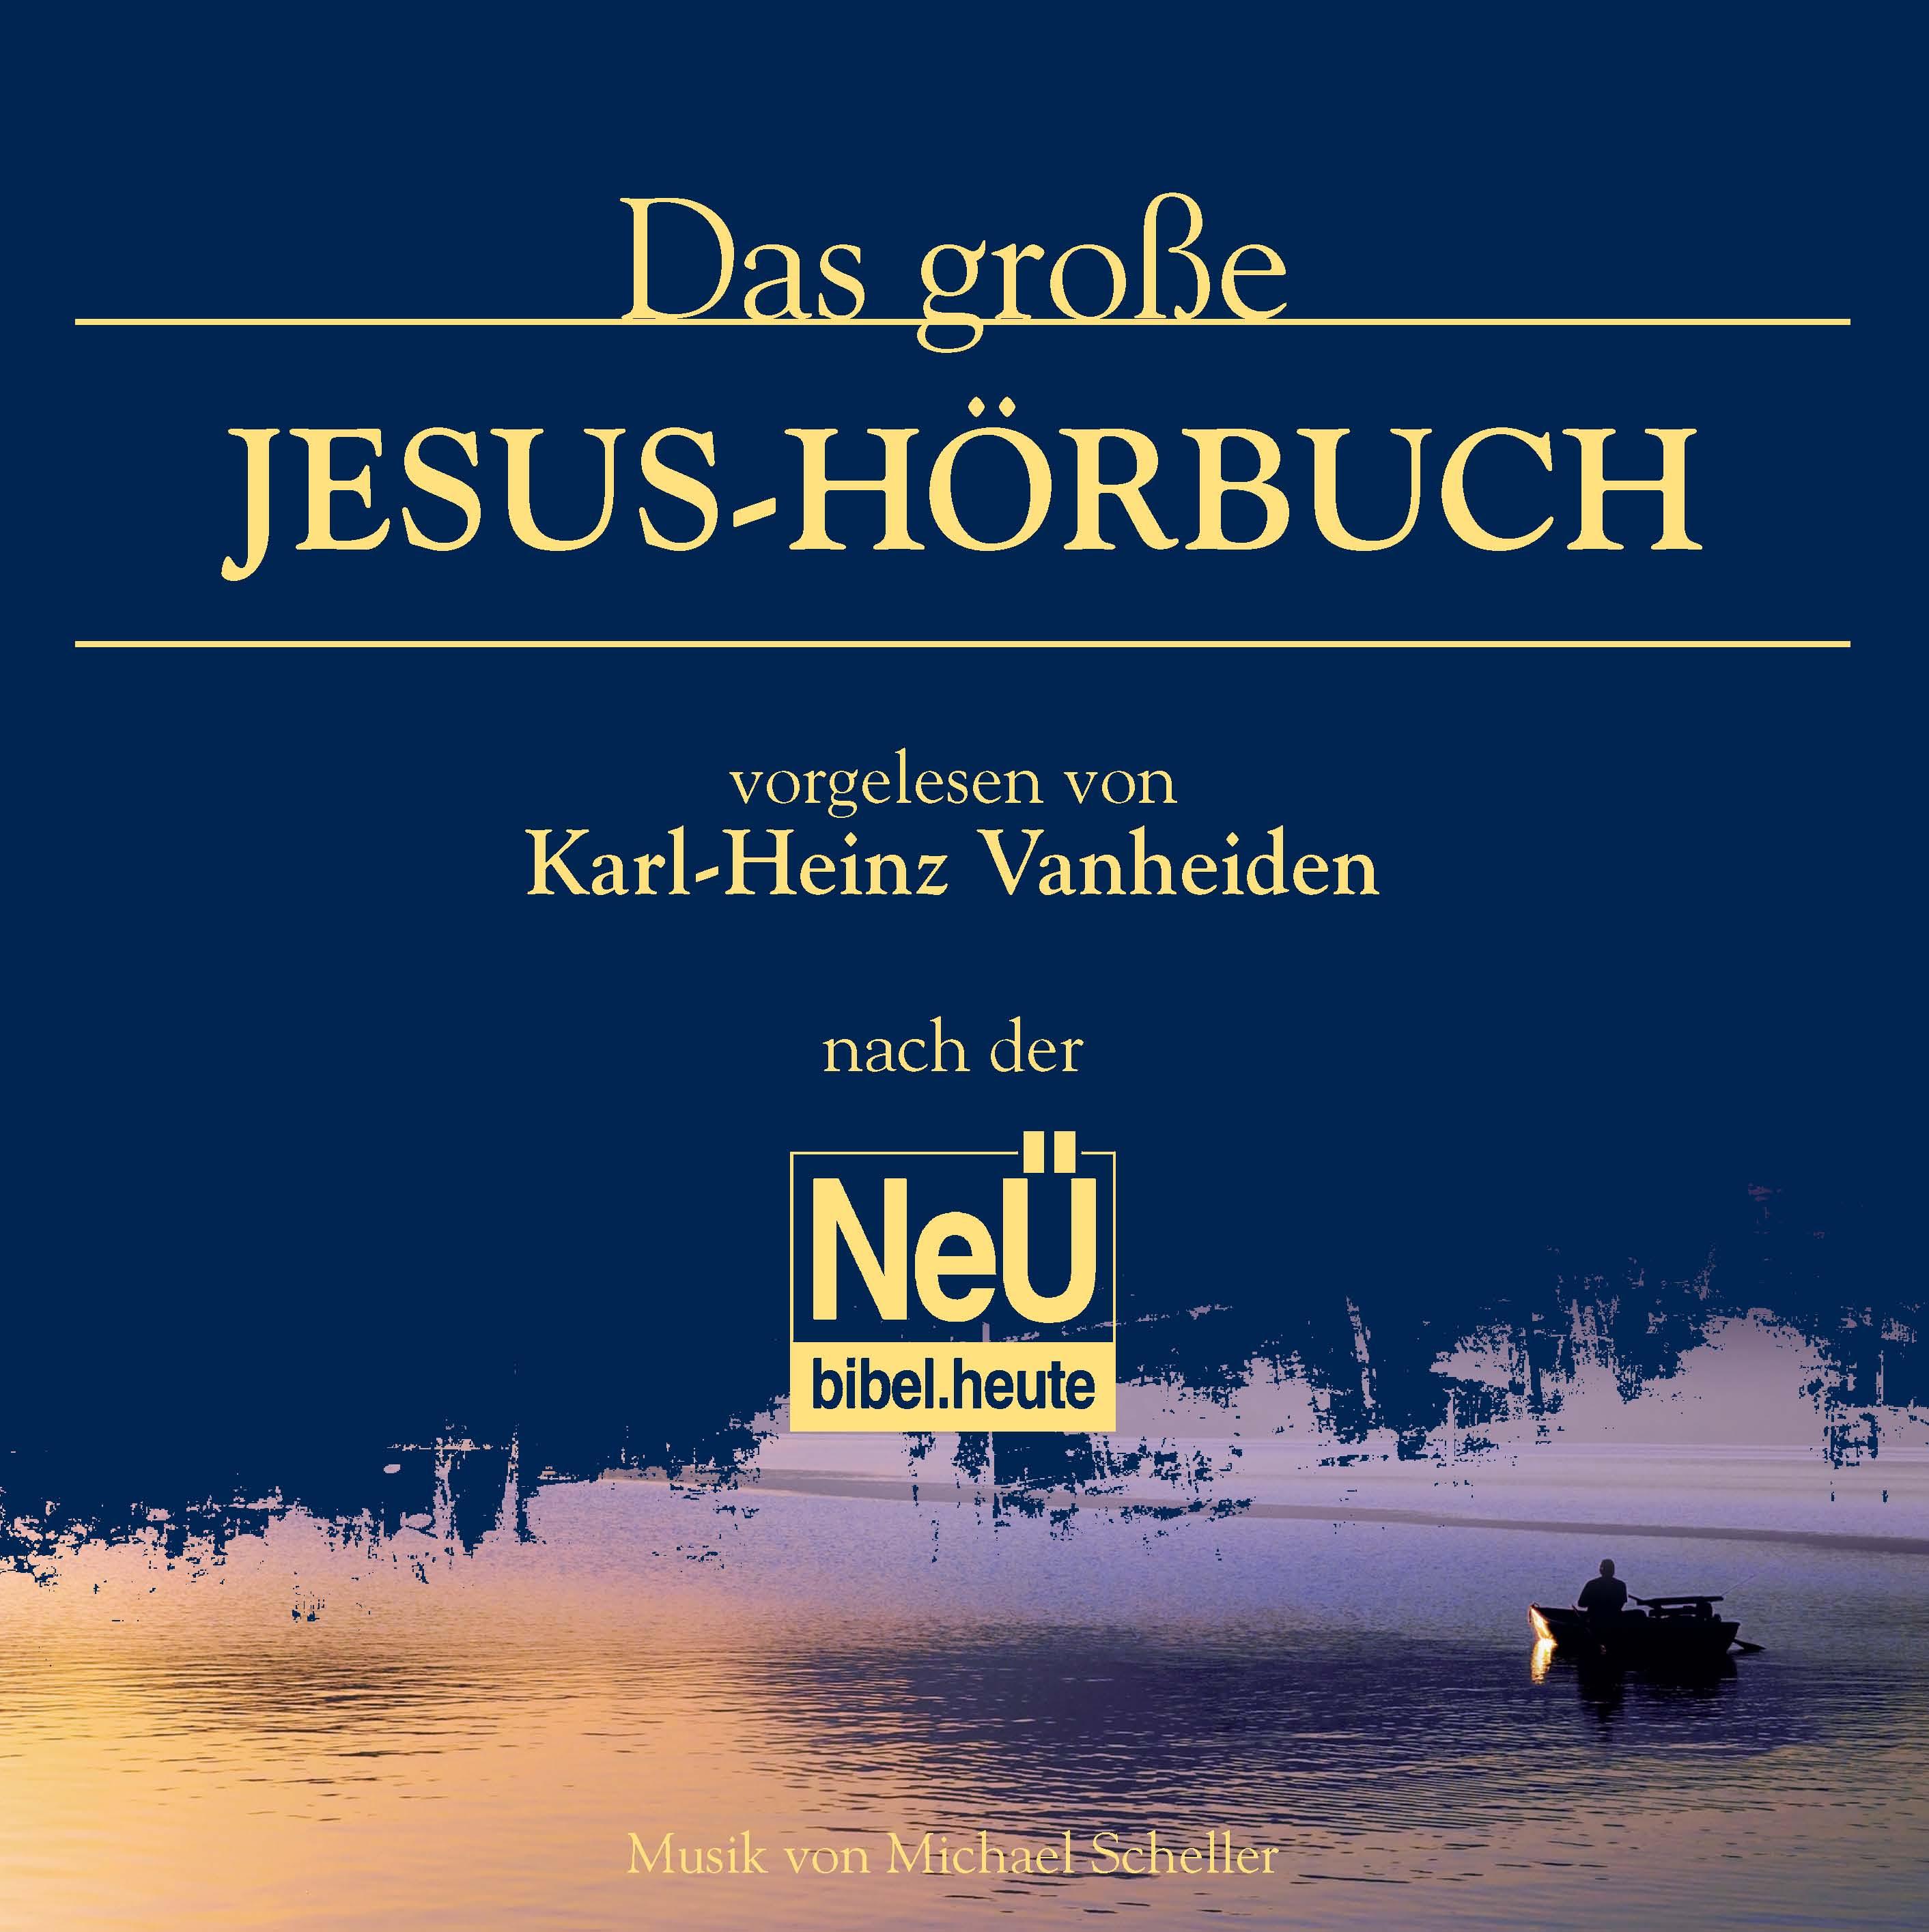 Das große Jesu-Hörbuch MP3 Karl-Heinz Vanheiden